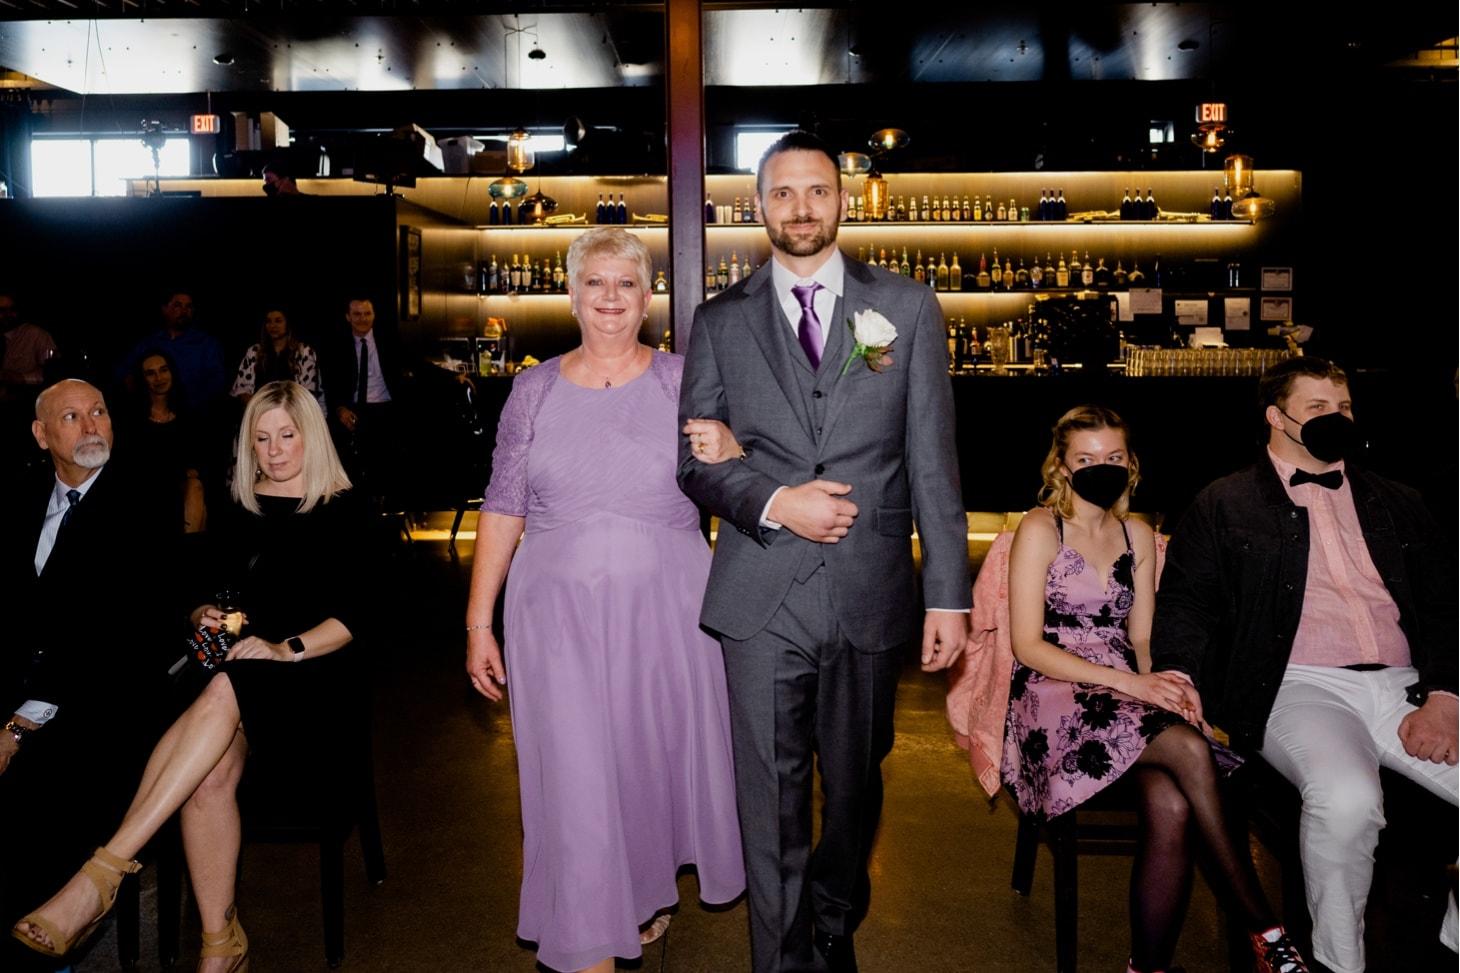 wedding ceremony noce jazz club